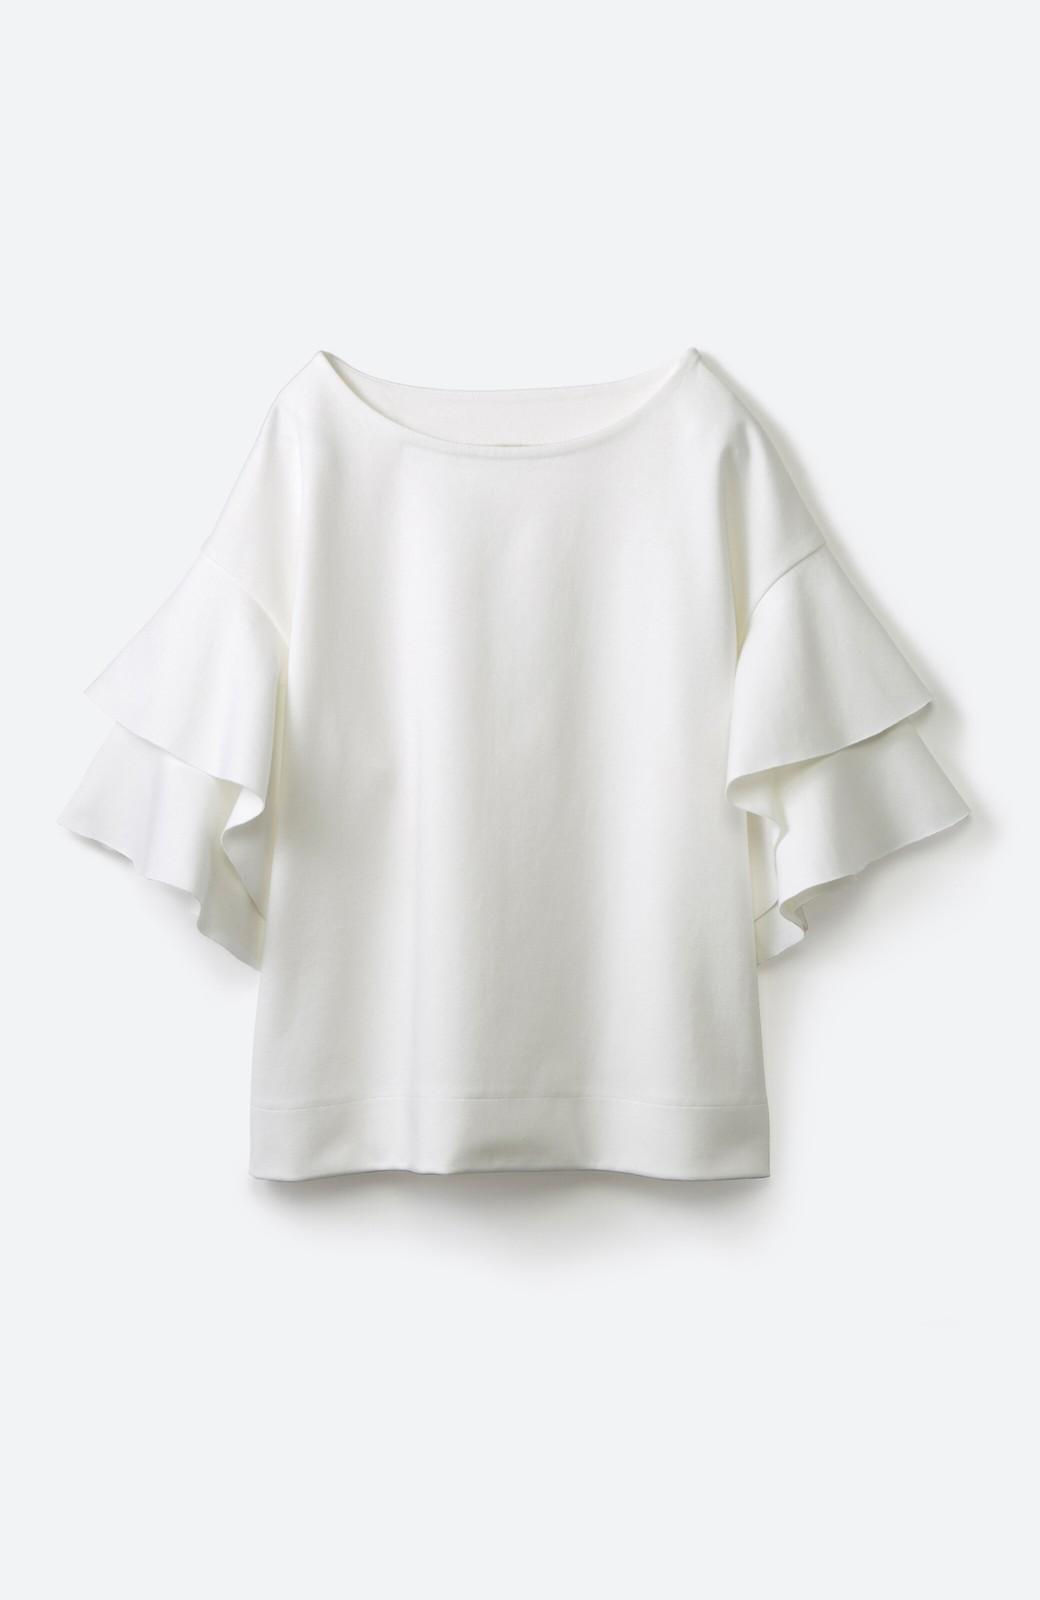 haco! Tシャツ気分でもっとキレイが叶う ラッフルスリーブカットソートップス <ホワイト>の商品写真2